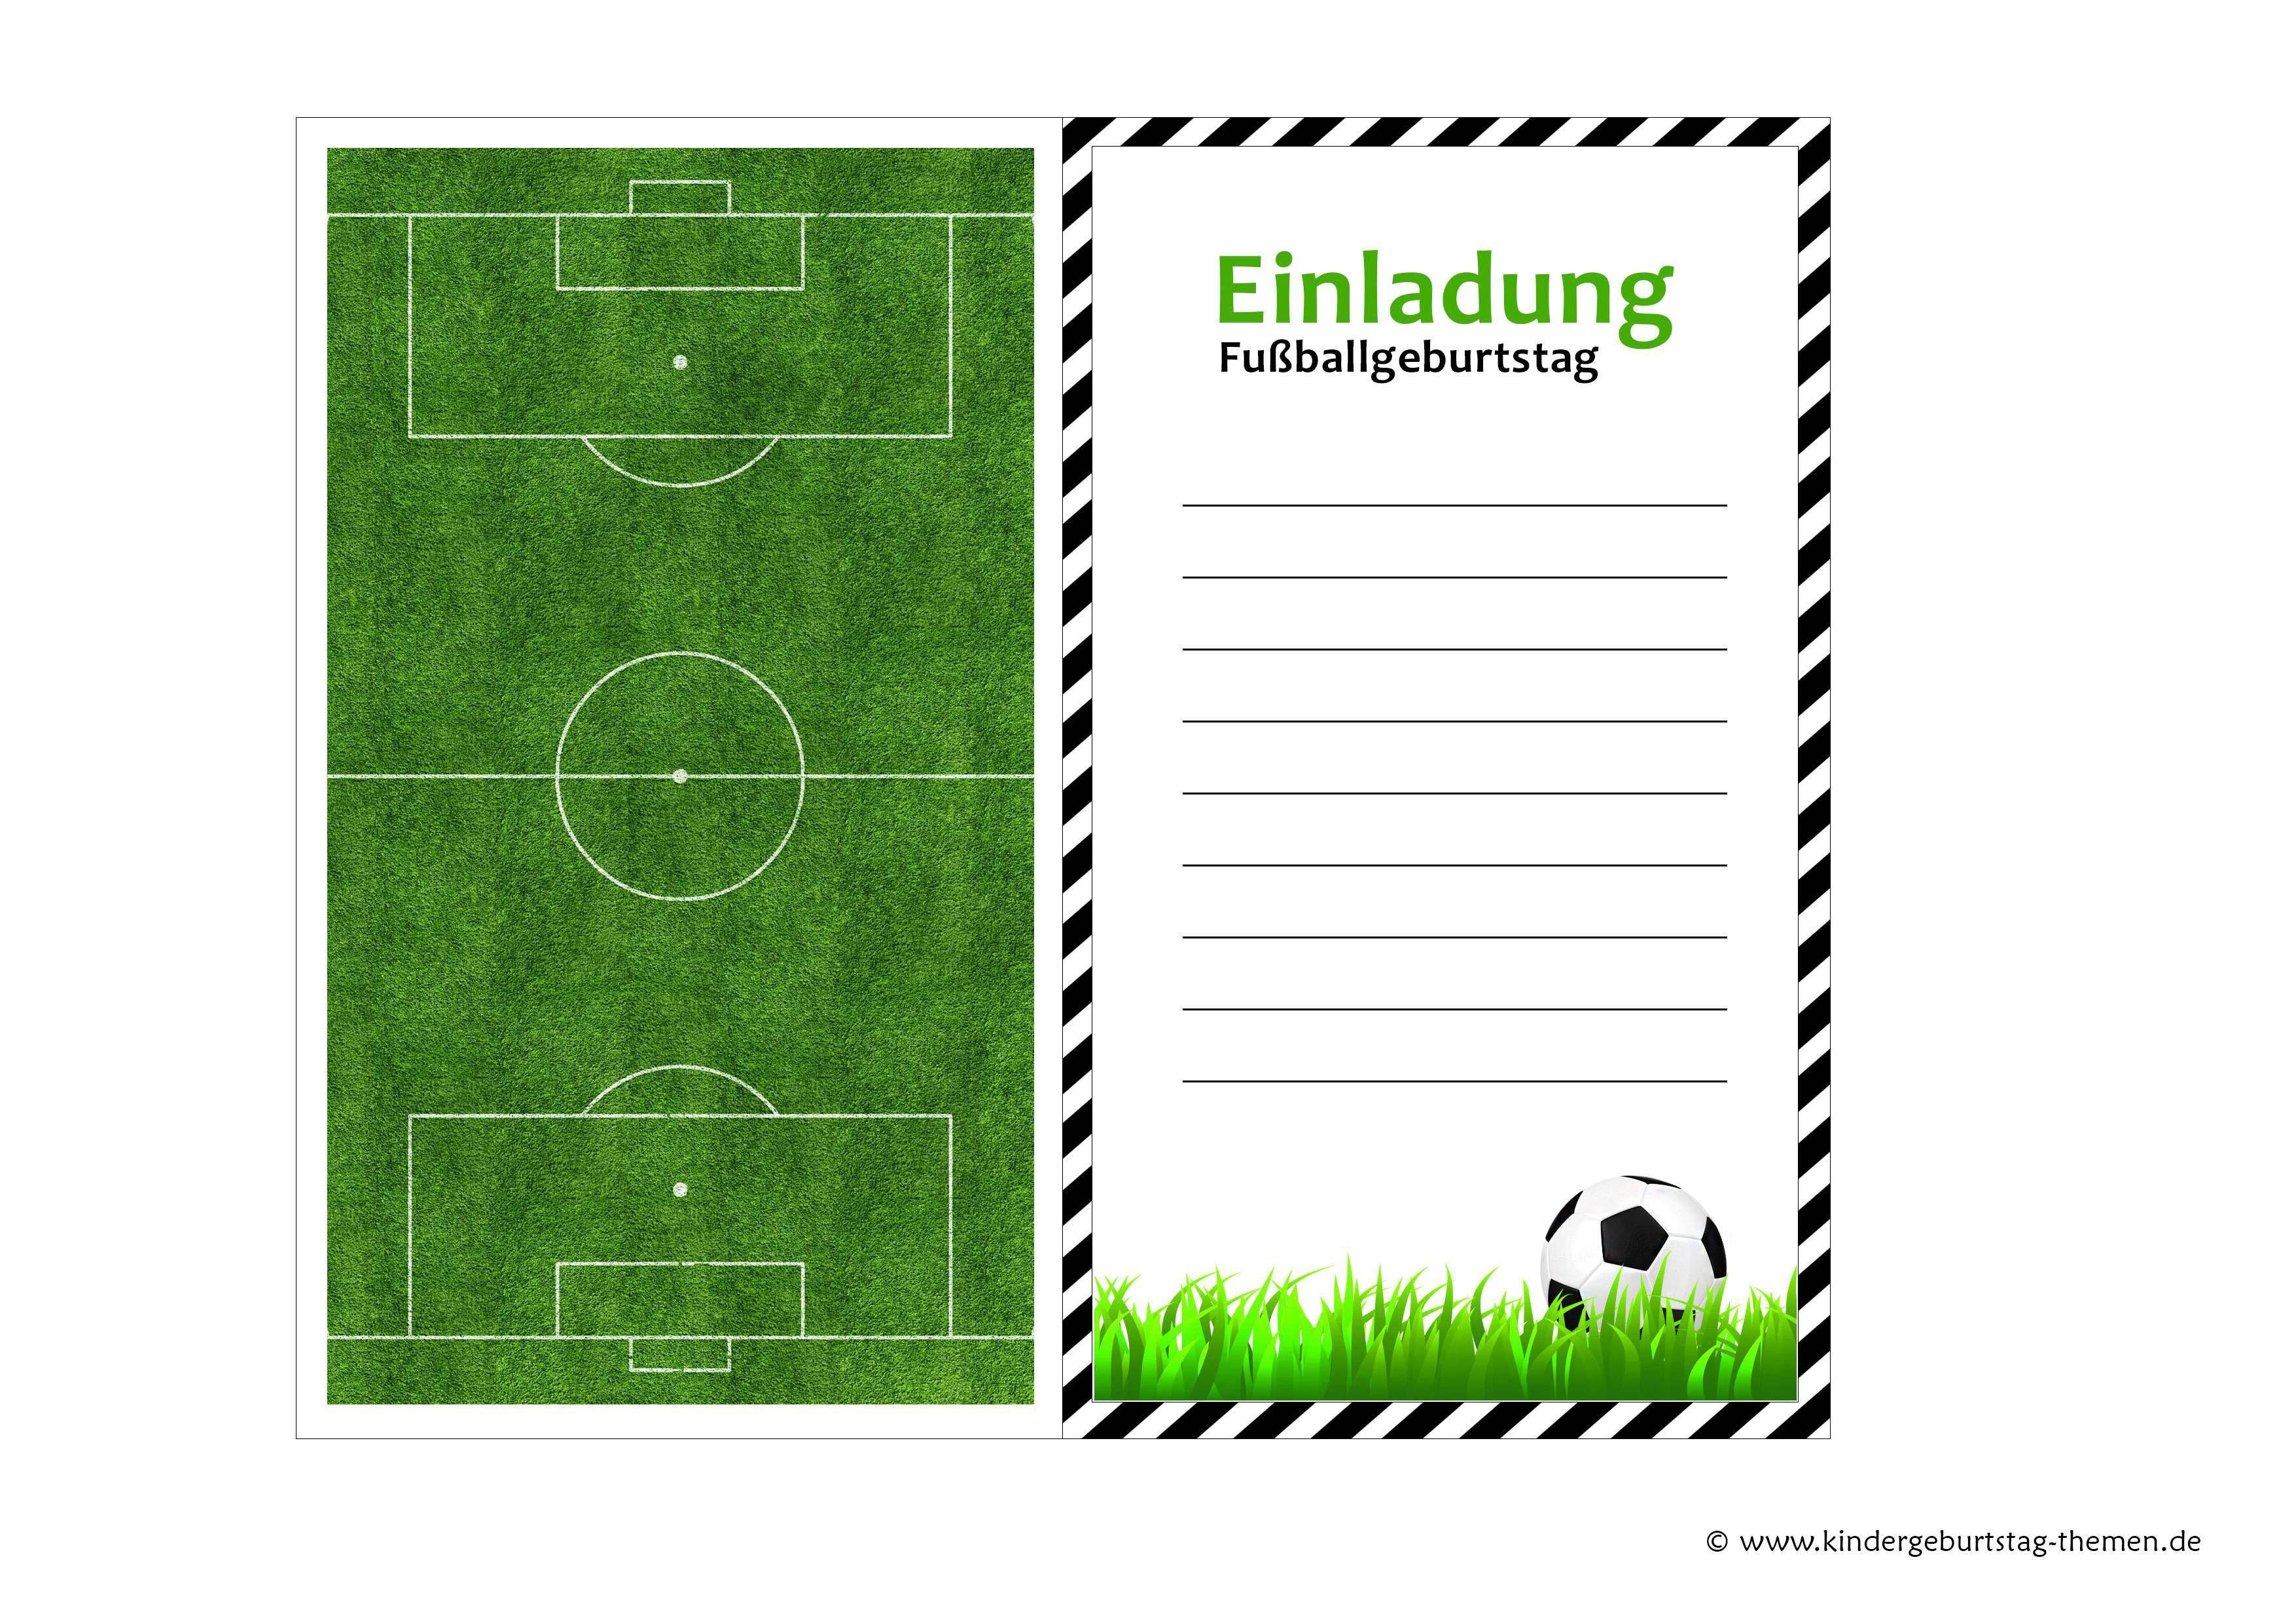 Schön Einladungskarten Kindergeburtstag Fußball : Einladungskarten  Kindergeburtstag Fußball   Kindergeburtstag Einladung   Kindergeburtstag  Einladung